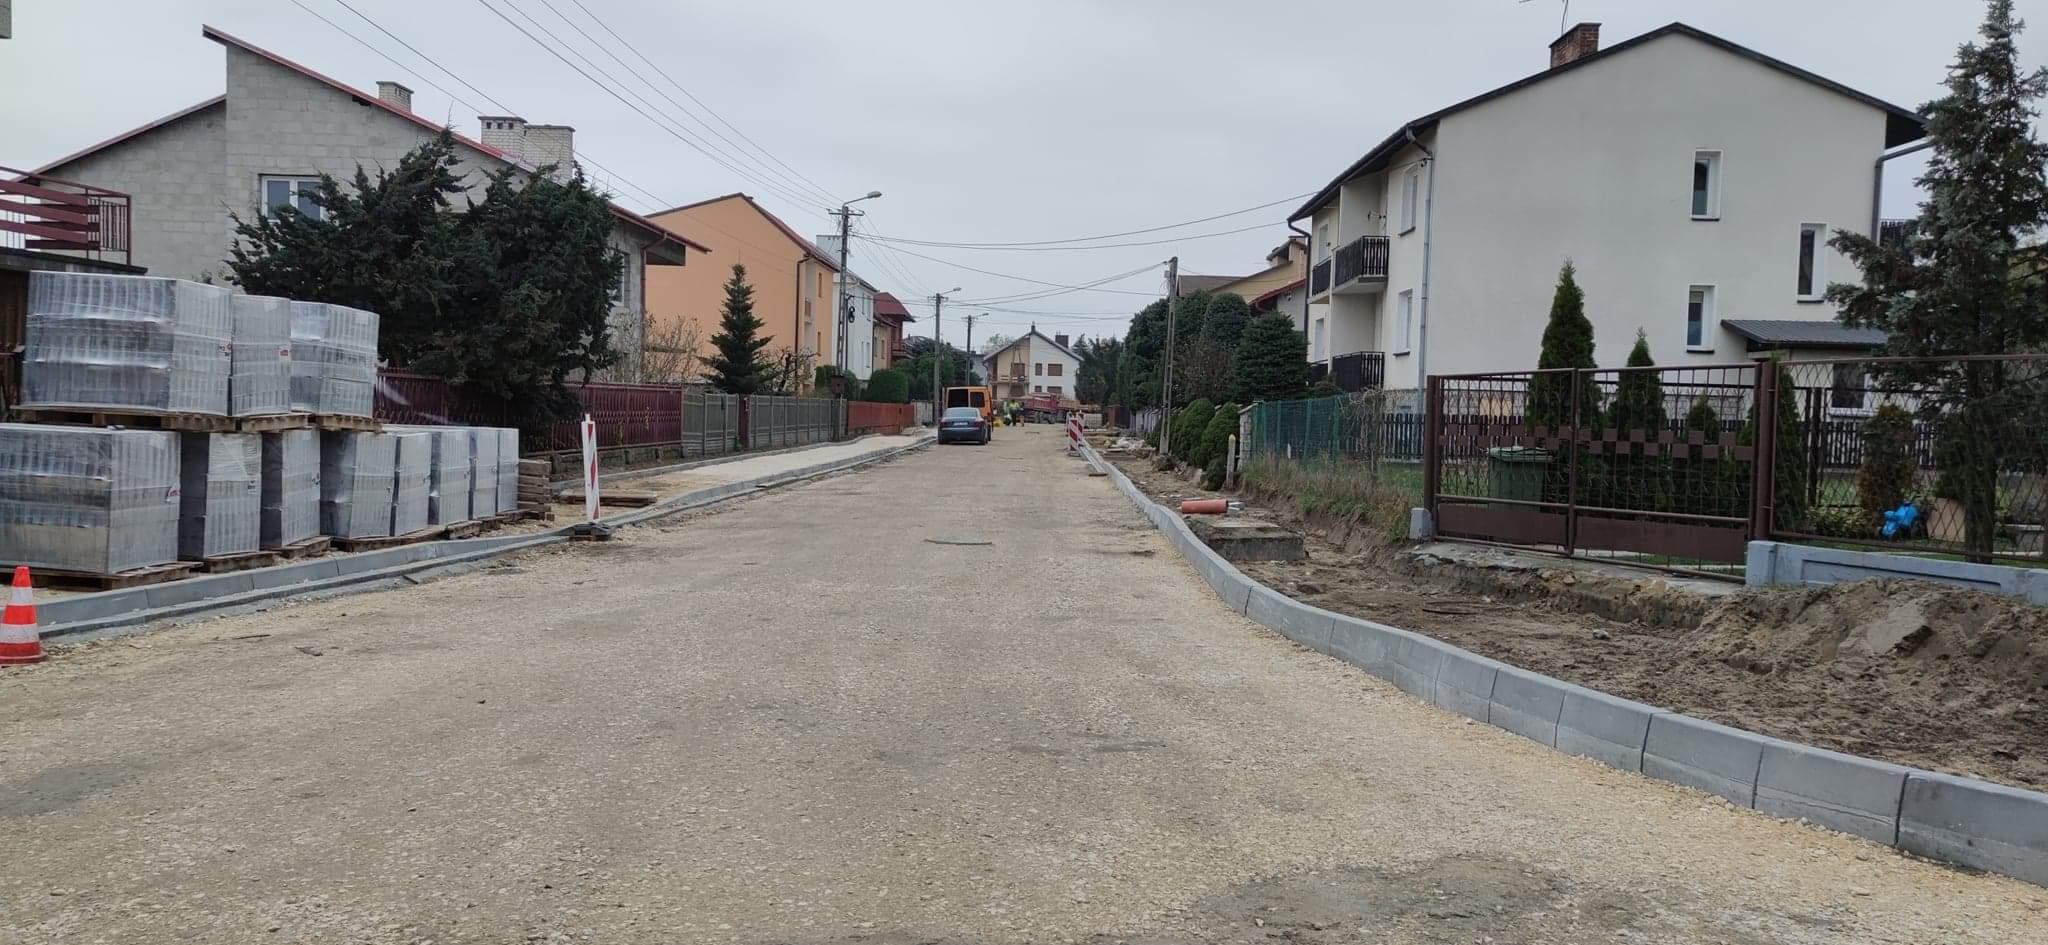 %name Trwają prace remontowe przy ulicach Popiełuszki i Batalionów Chłopskich